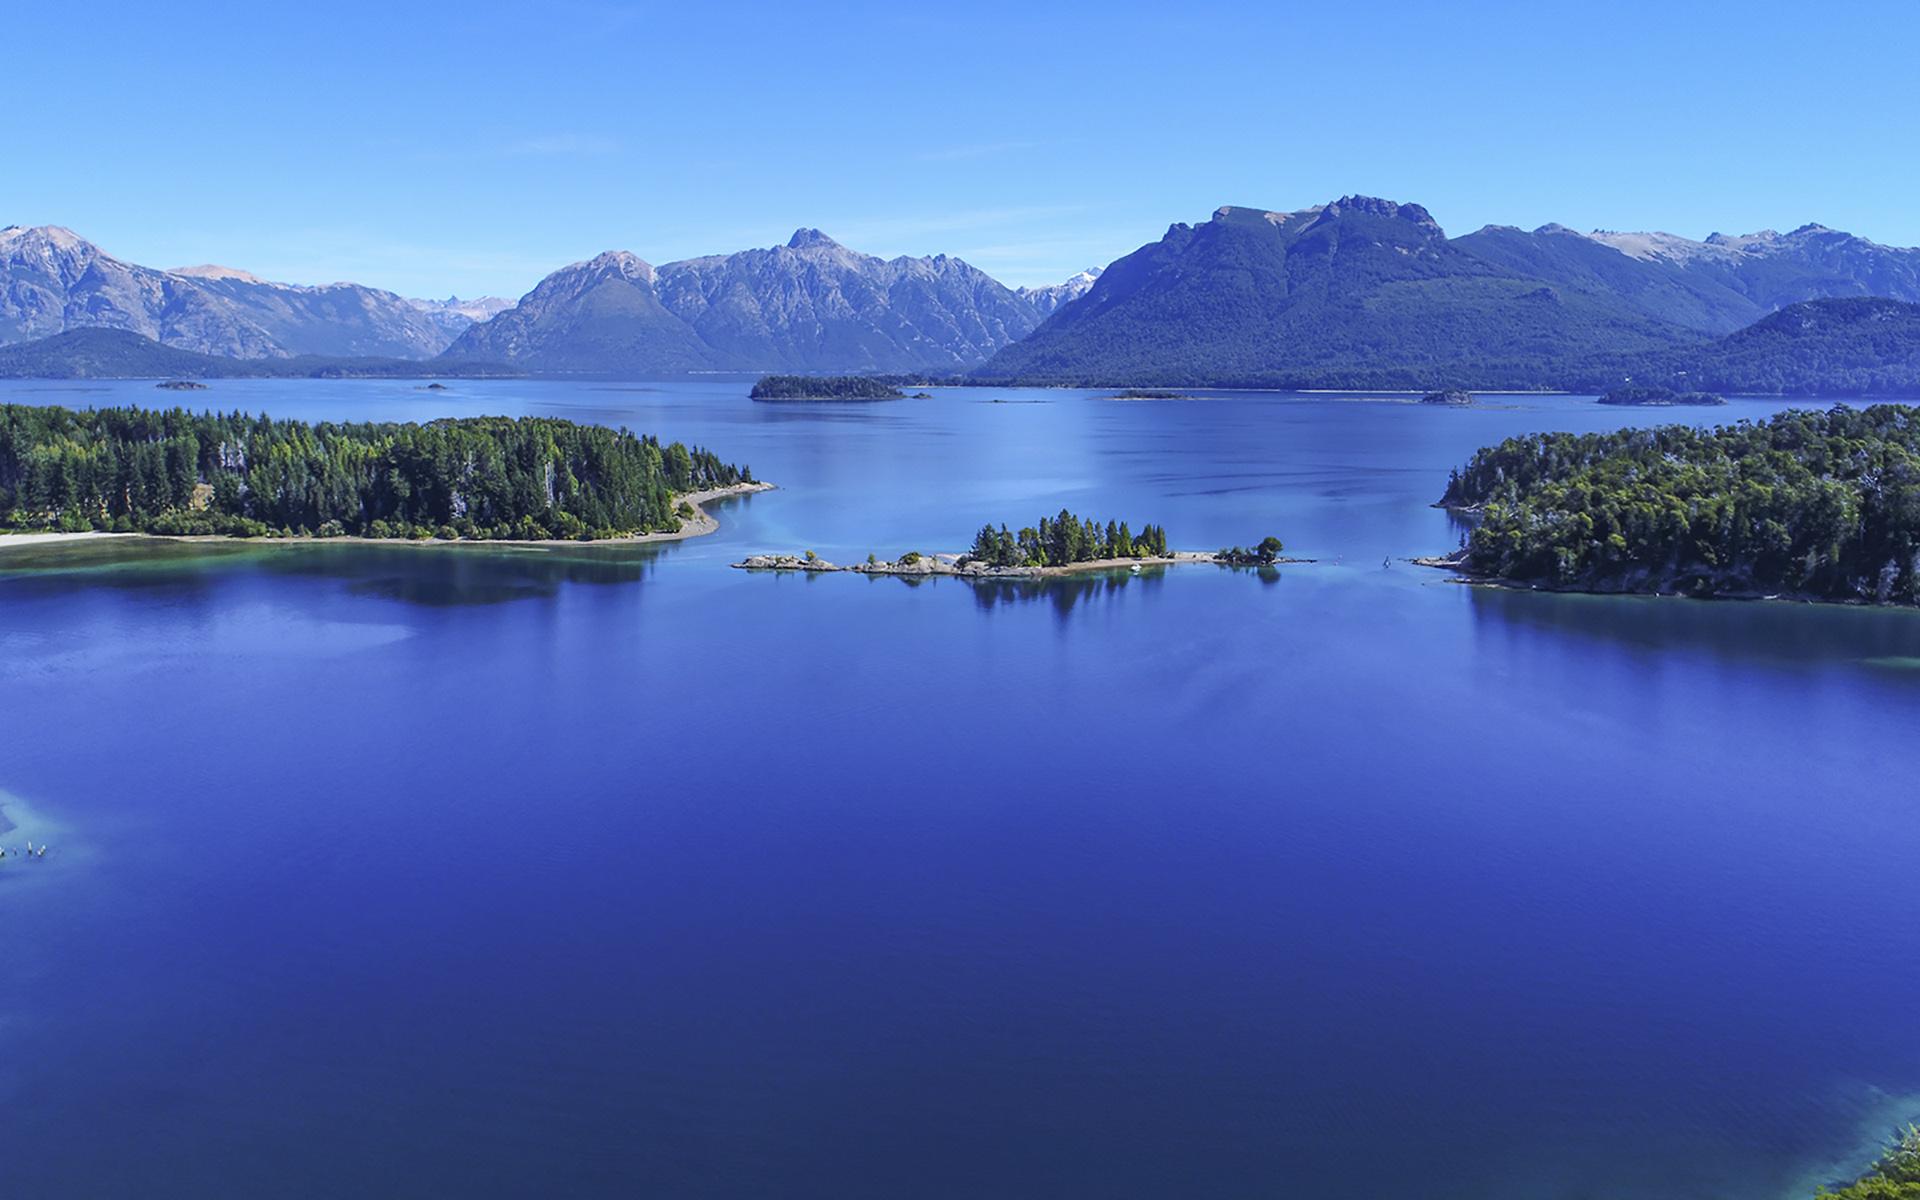 Su origen se remonta al año 1903, fecha en que el Perito Francisco Pascasio Moreno donó a la Nación una extensión de tres leguas cuadradas, ubicadas en el límite de los territorios de Neuquén y Río Negro, en el extremo oeste del brazo Blest del lago Nahuel Huapi